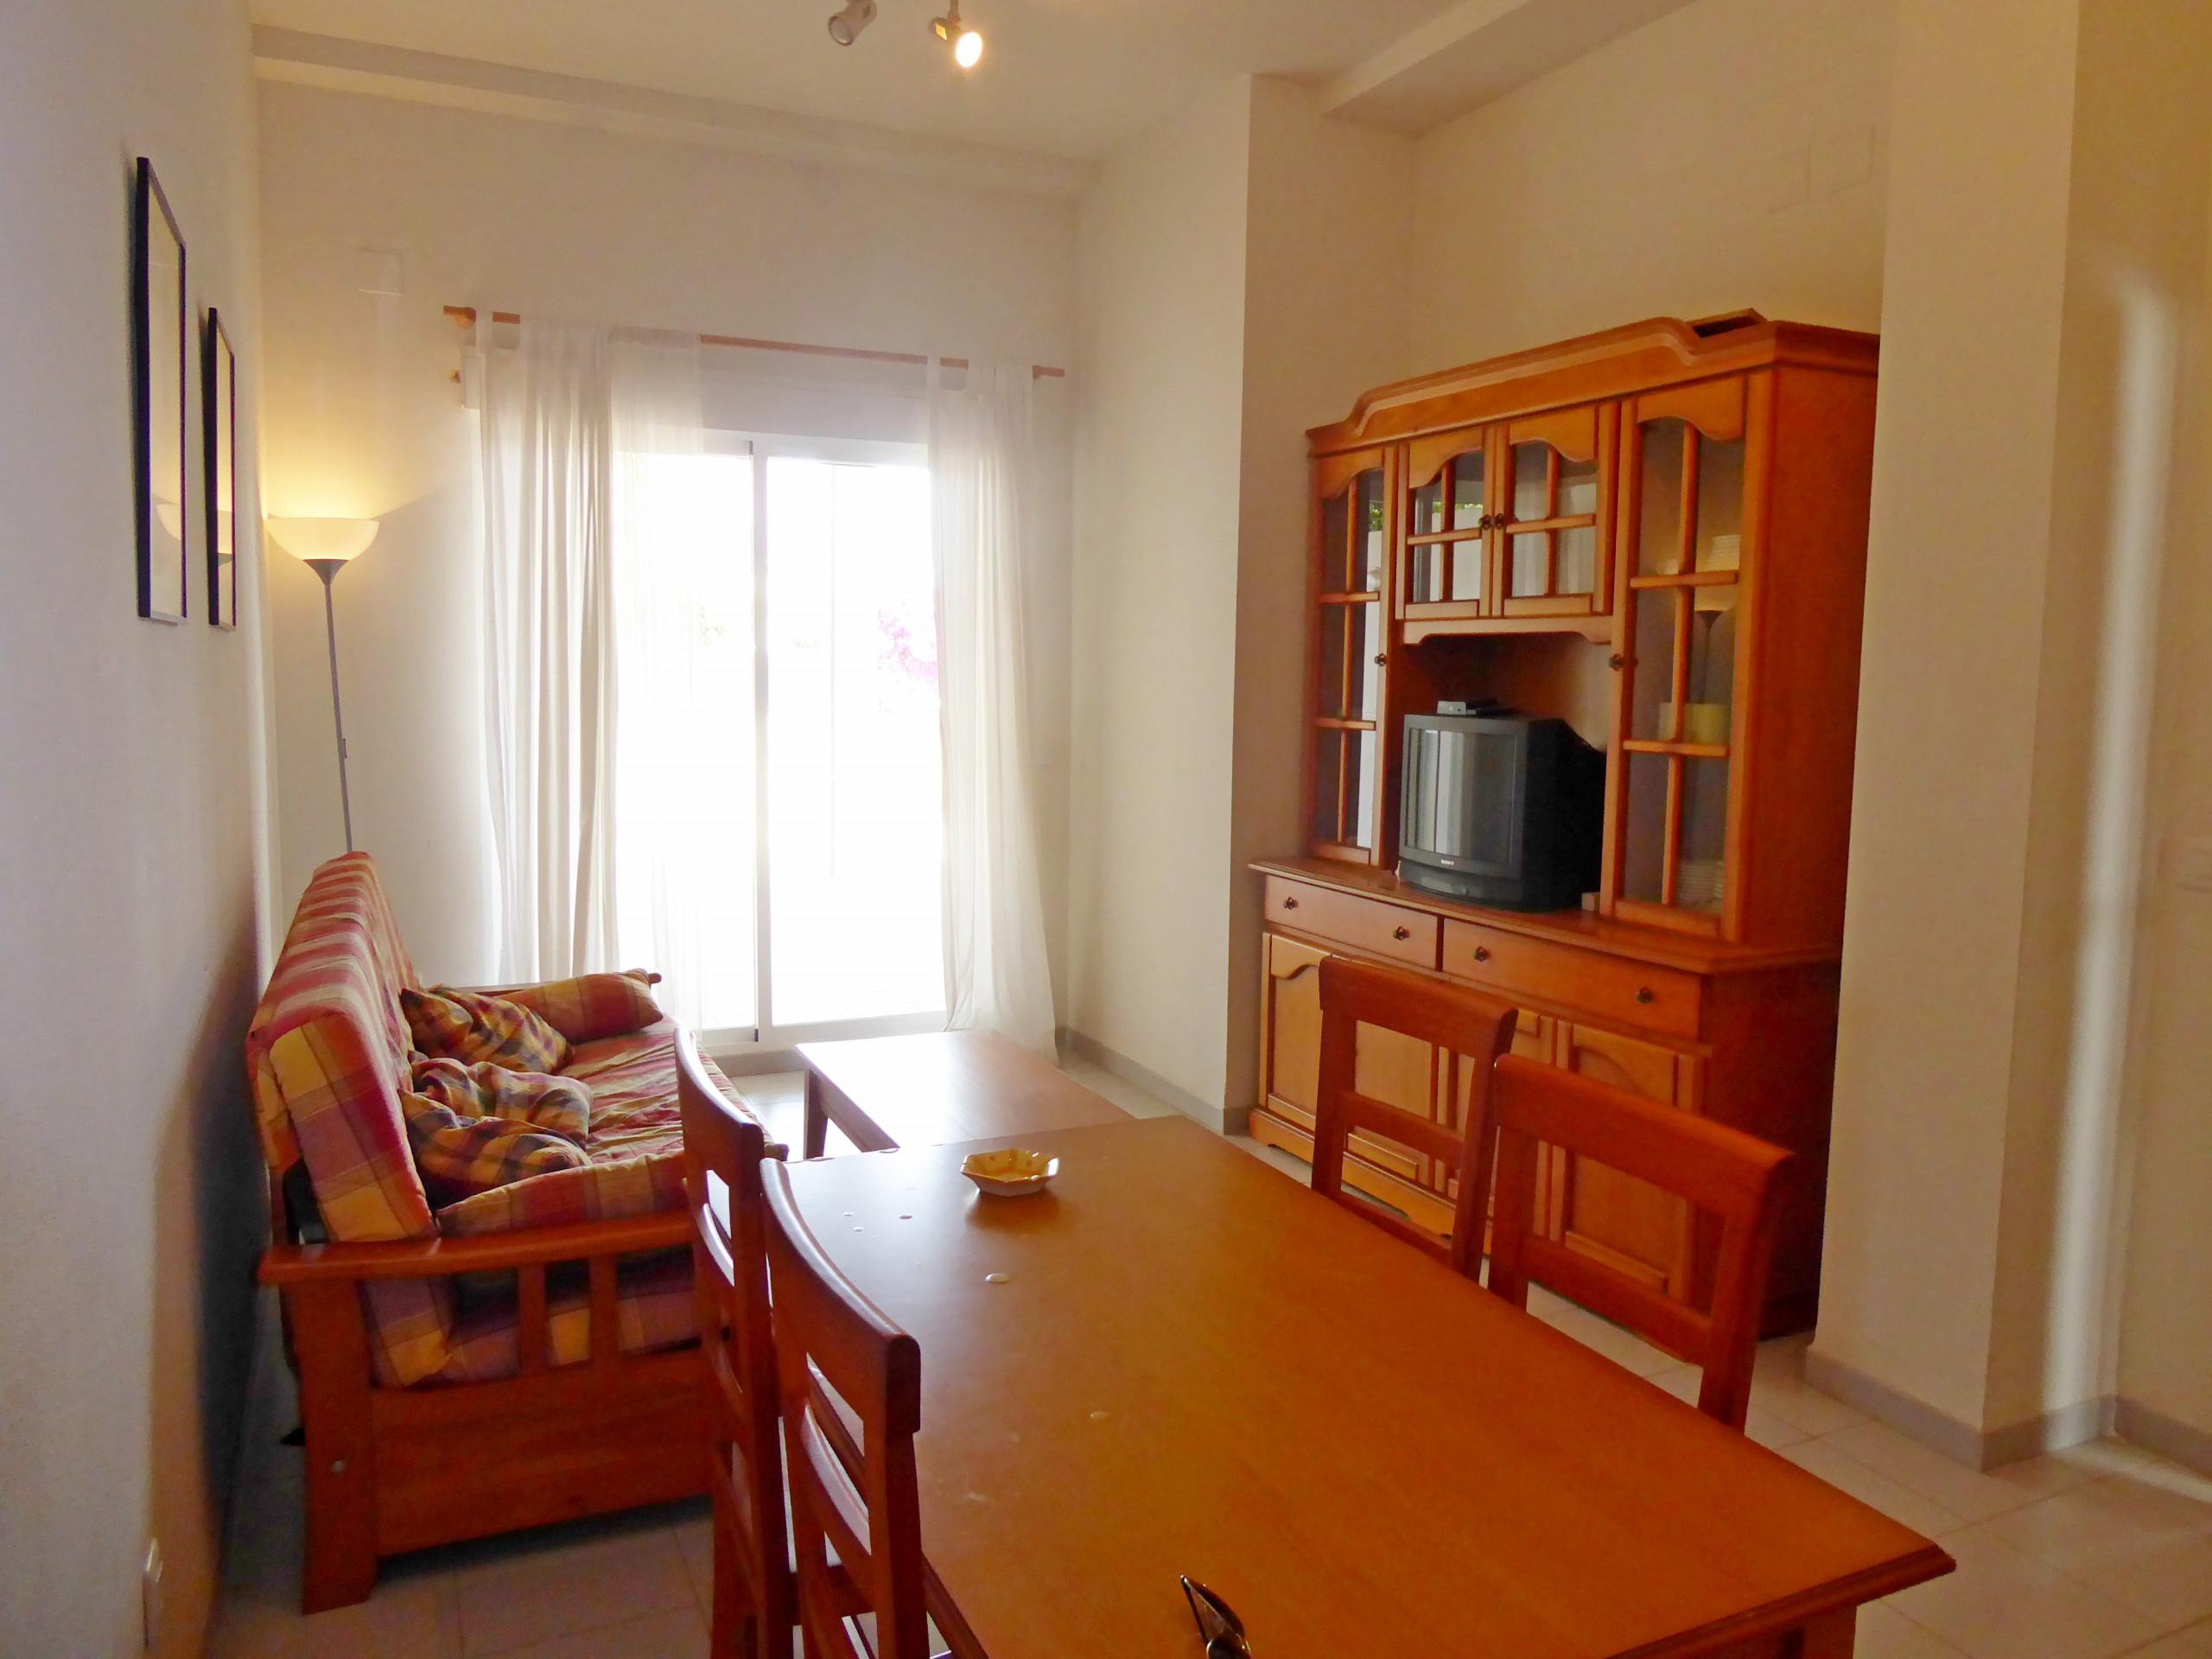 Apartamentos en alcoceber alcossebre serena mar i i d2 - Apartamentos en alcocebre ...